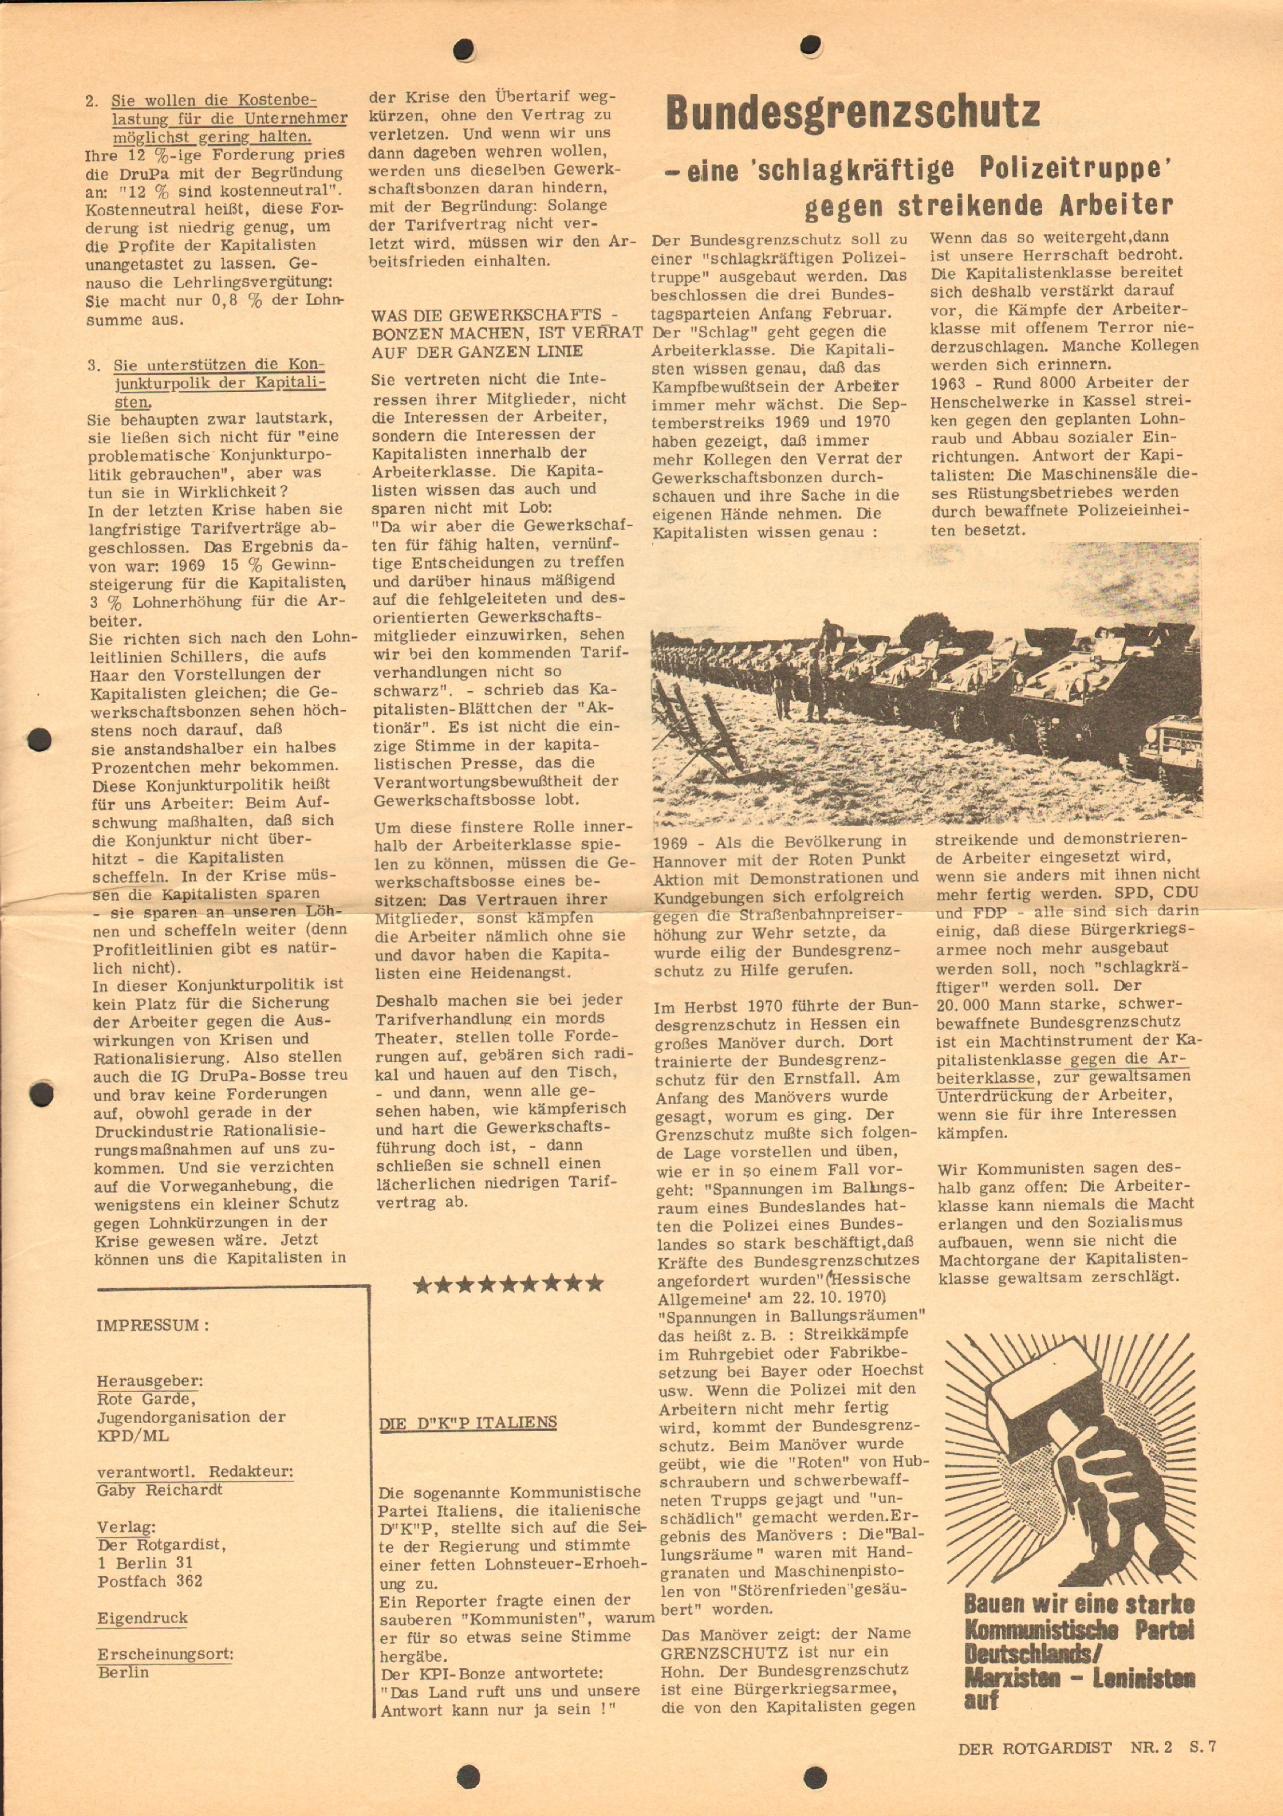 RG_Der_Rotgardist_1971_02_07